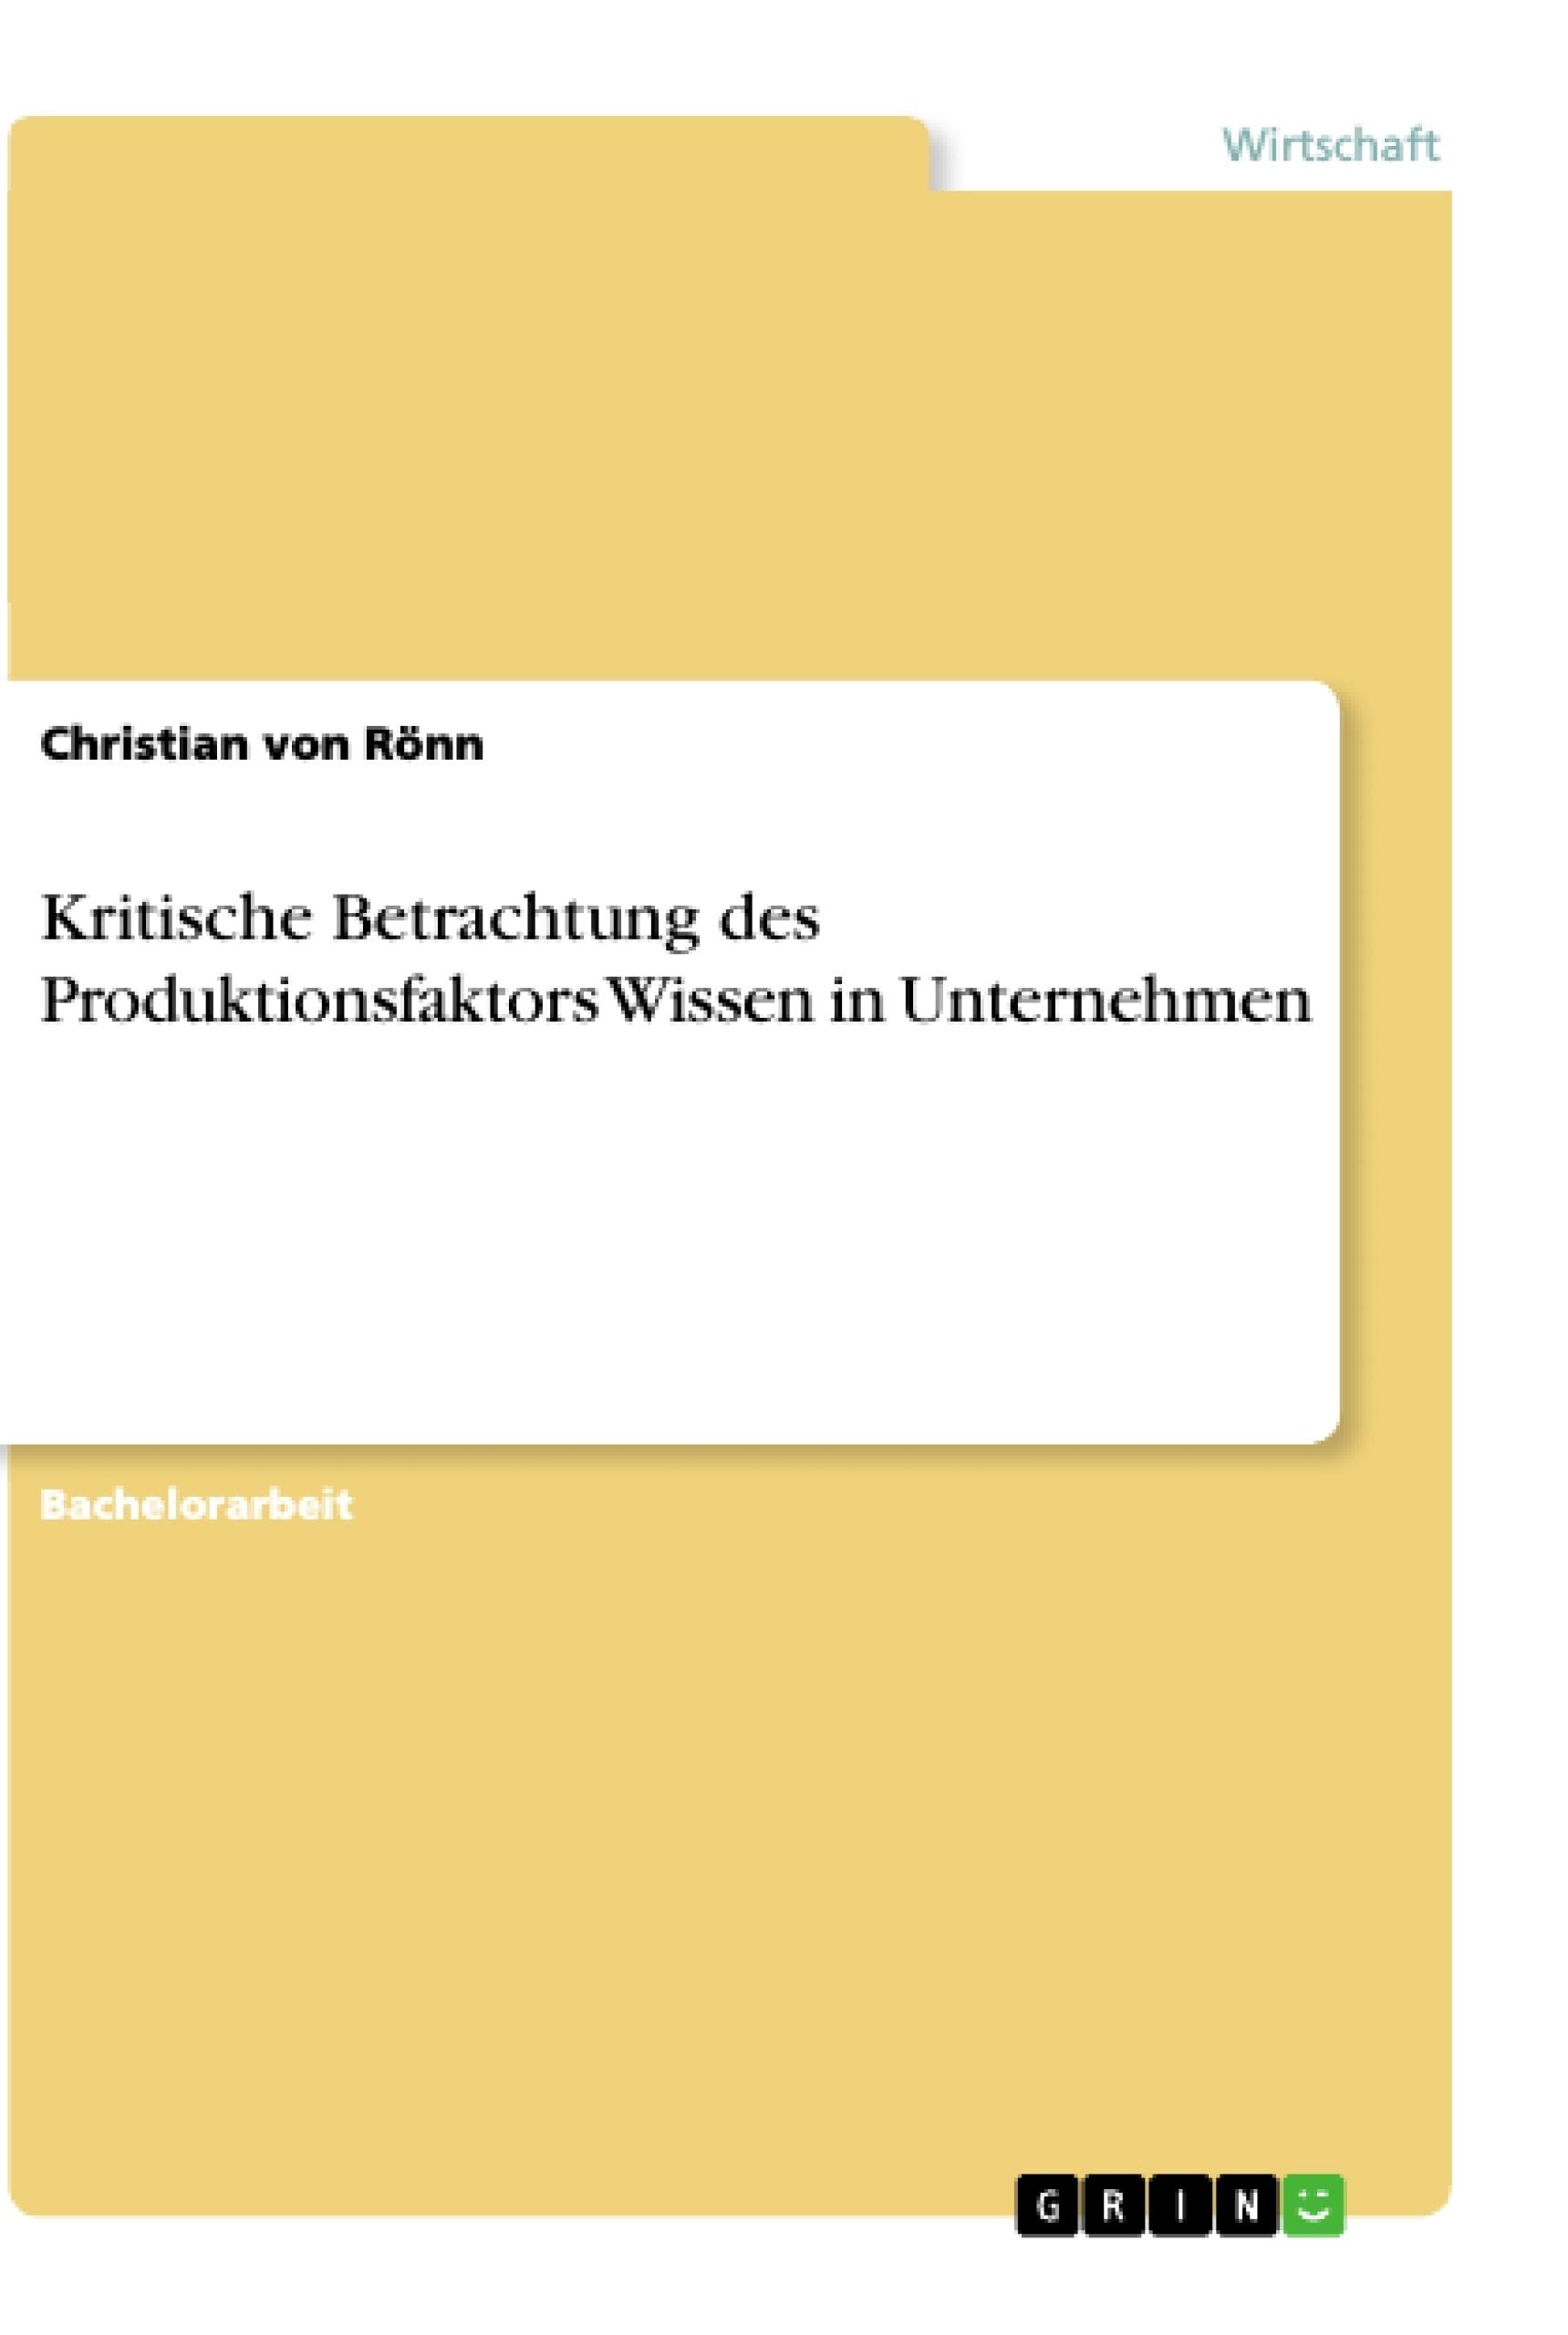 Titel: Kritische Betrachtung des Produktionsfaktors Wissen in Unternehmen